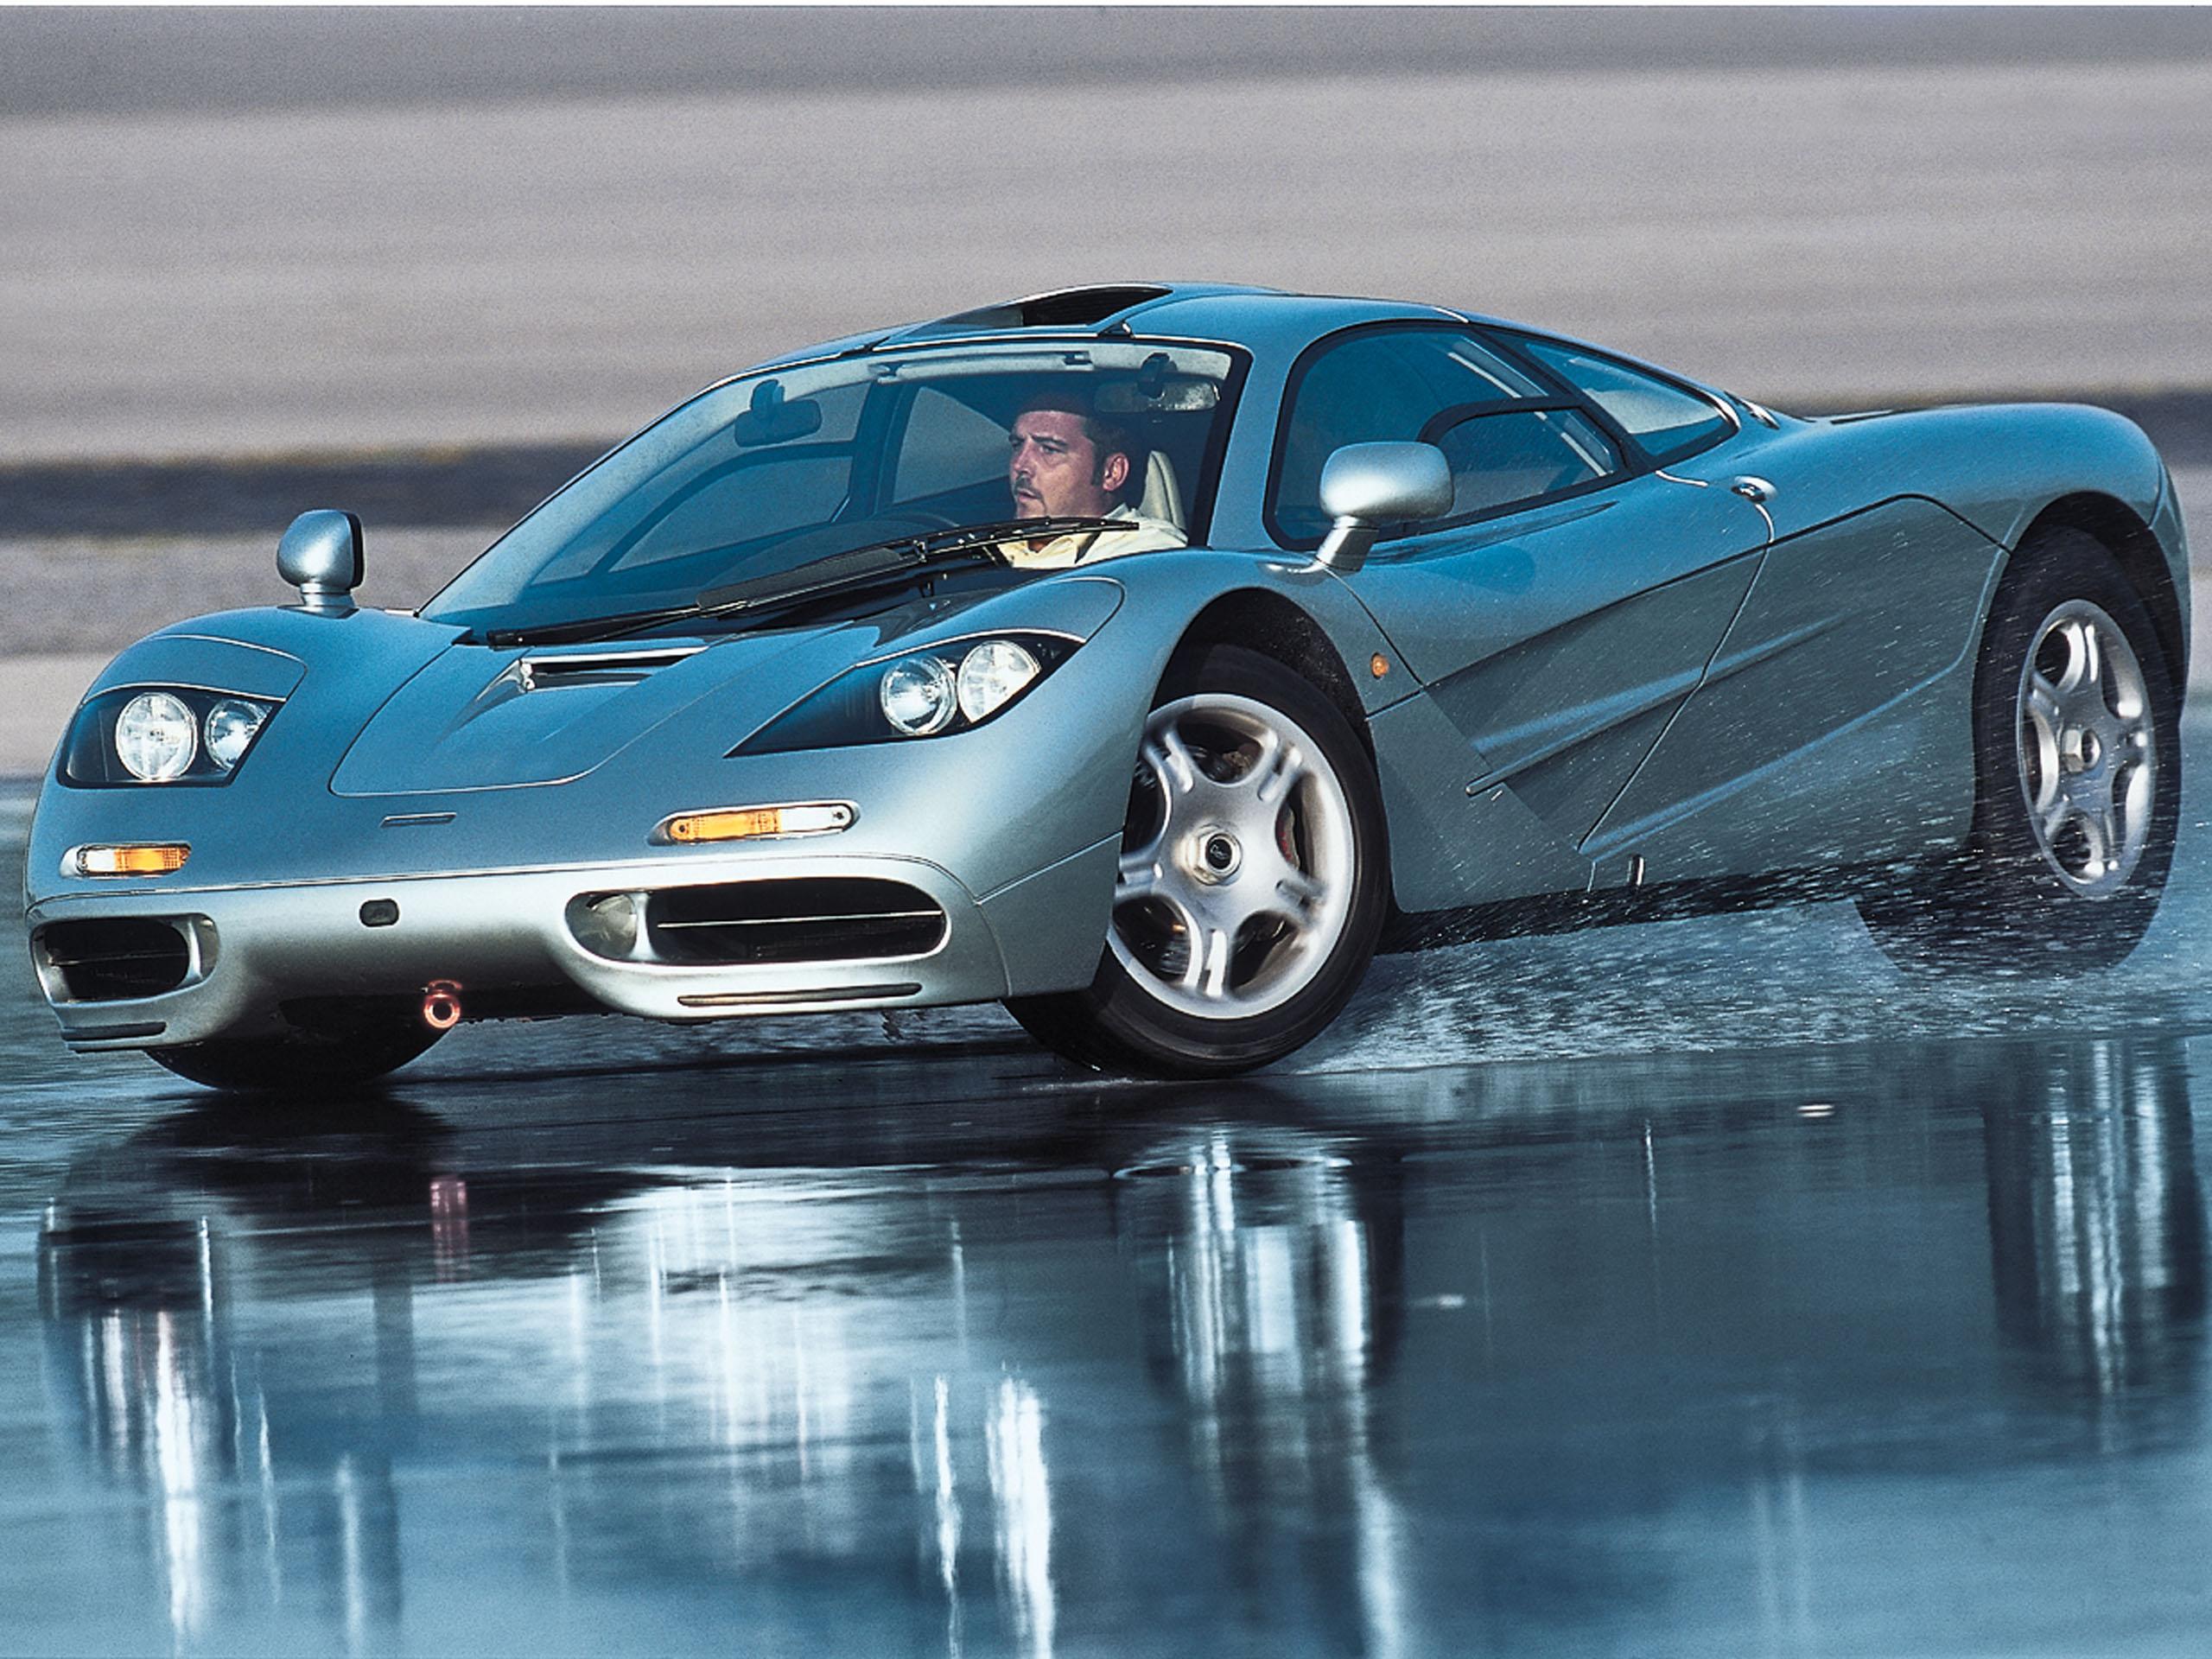 mclaren f1: v12-supersportler im fahrbericht | autozeitung.de